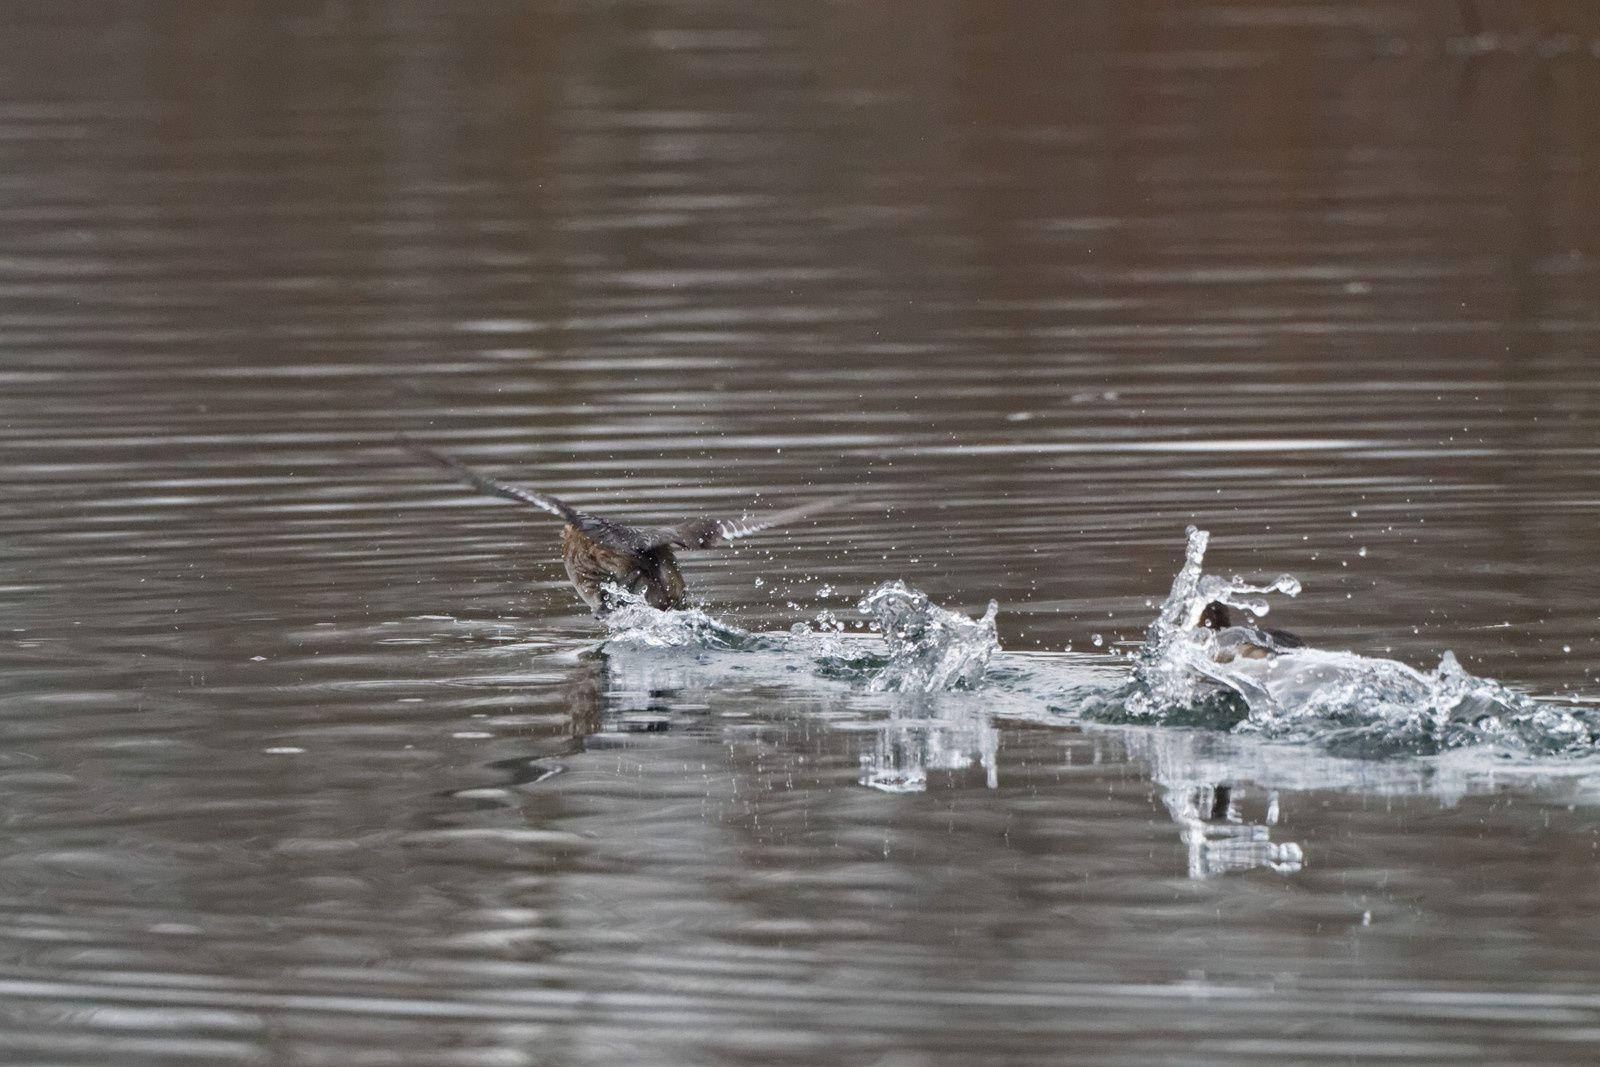 Une fois l'intrus parti les 2 Grèbes se congratulent et leurs séries de cris créent des ronds dans l'eau.